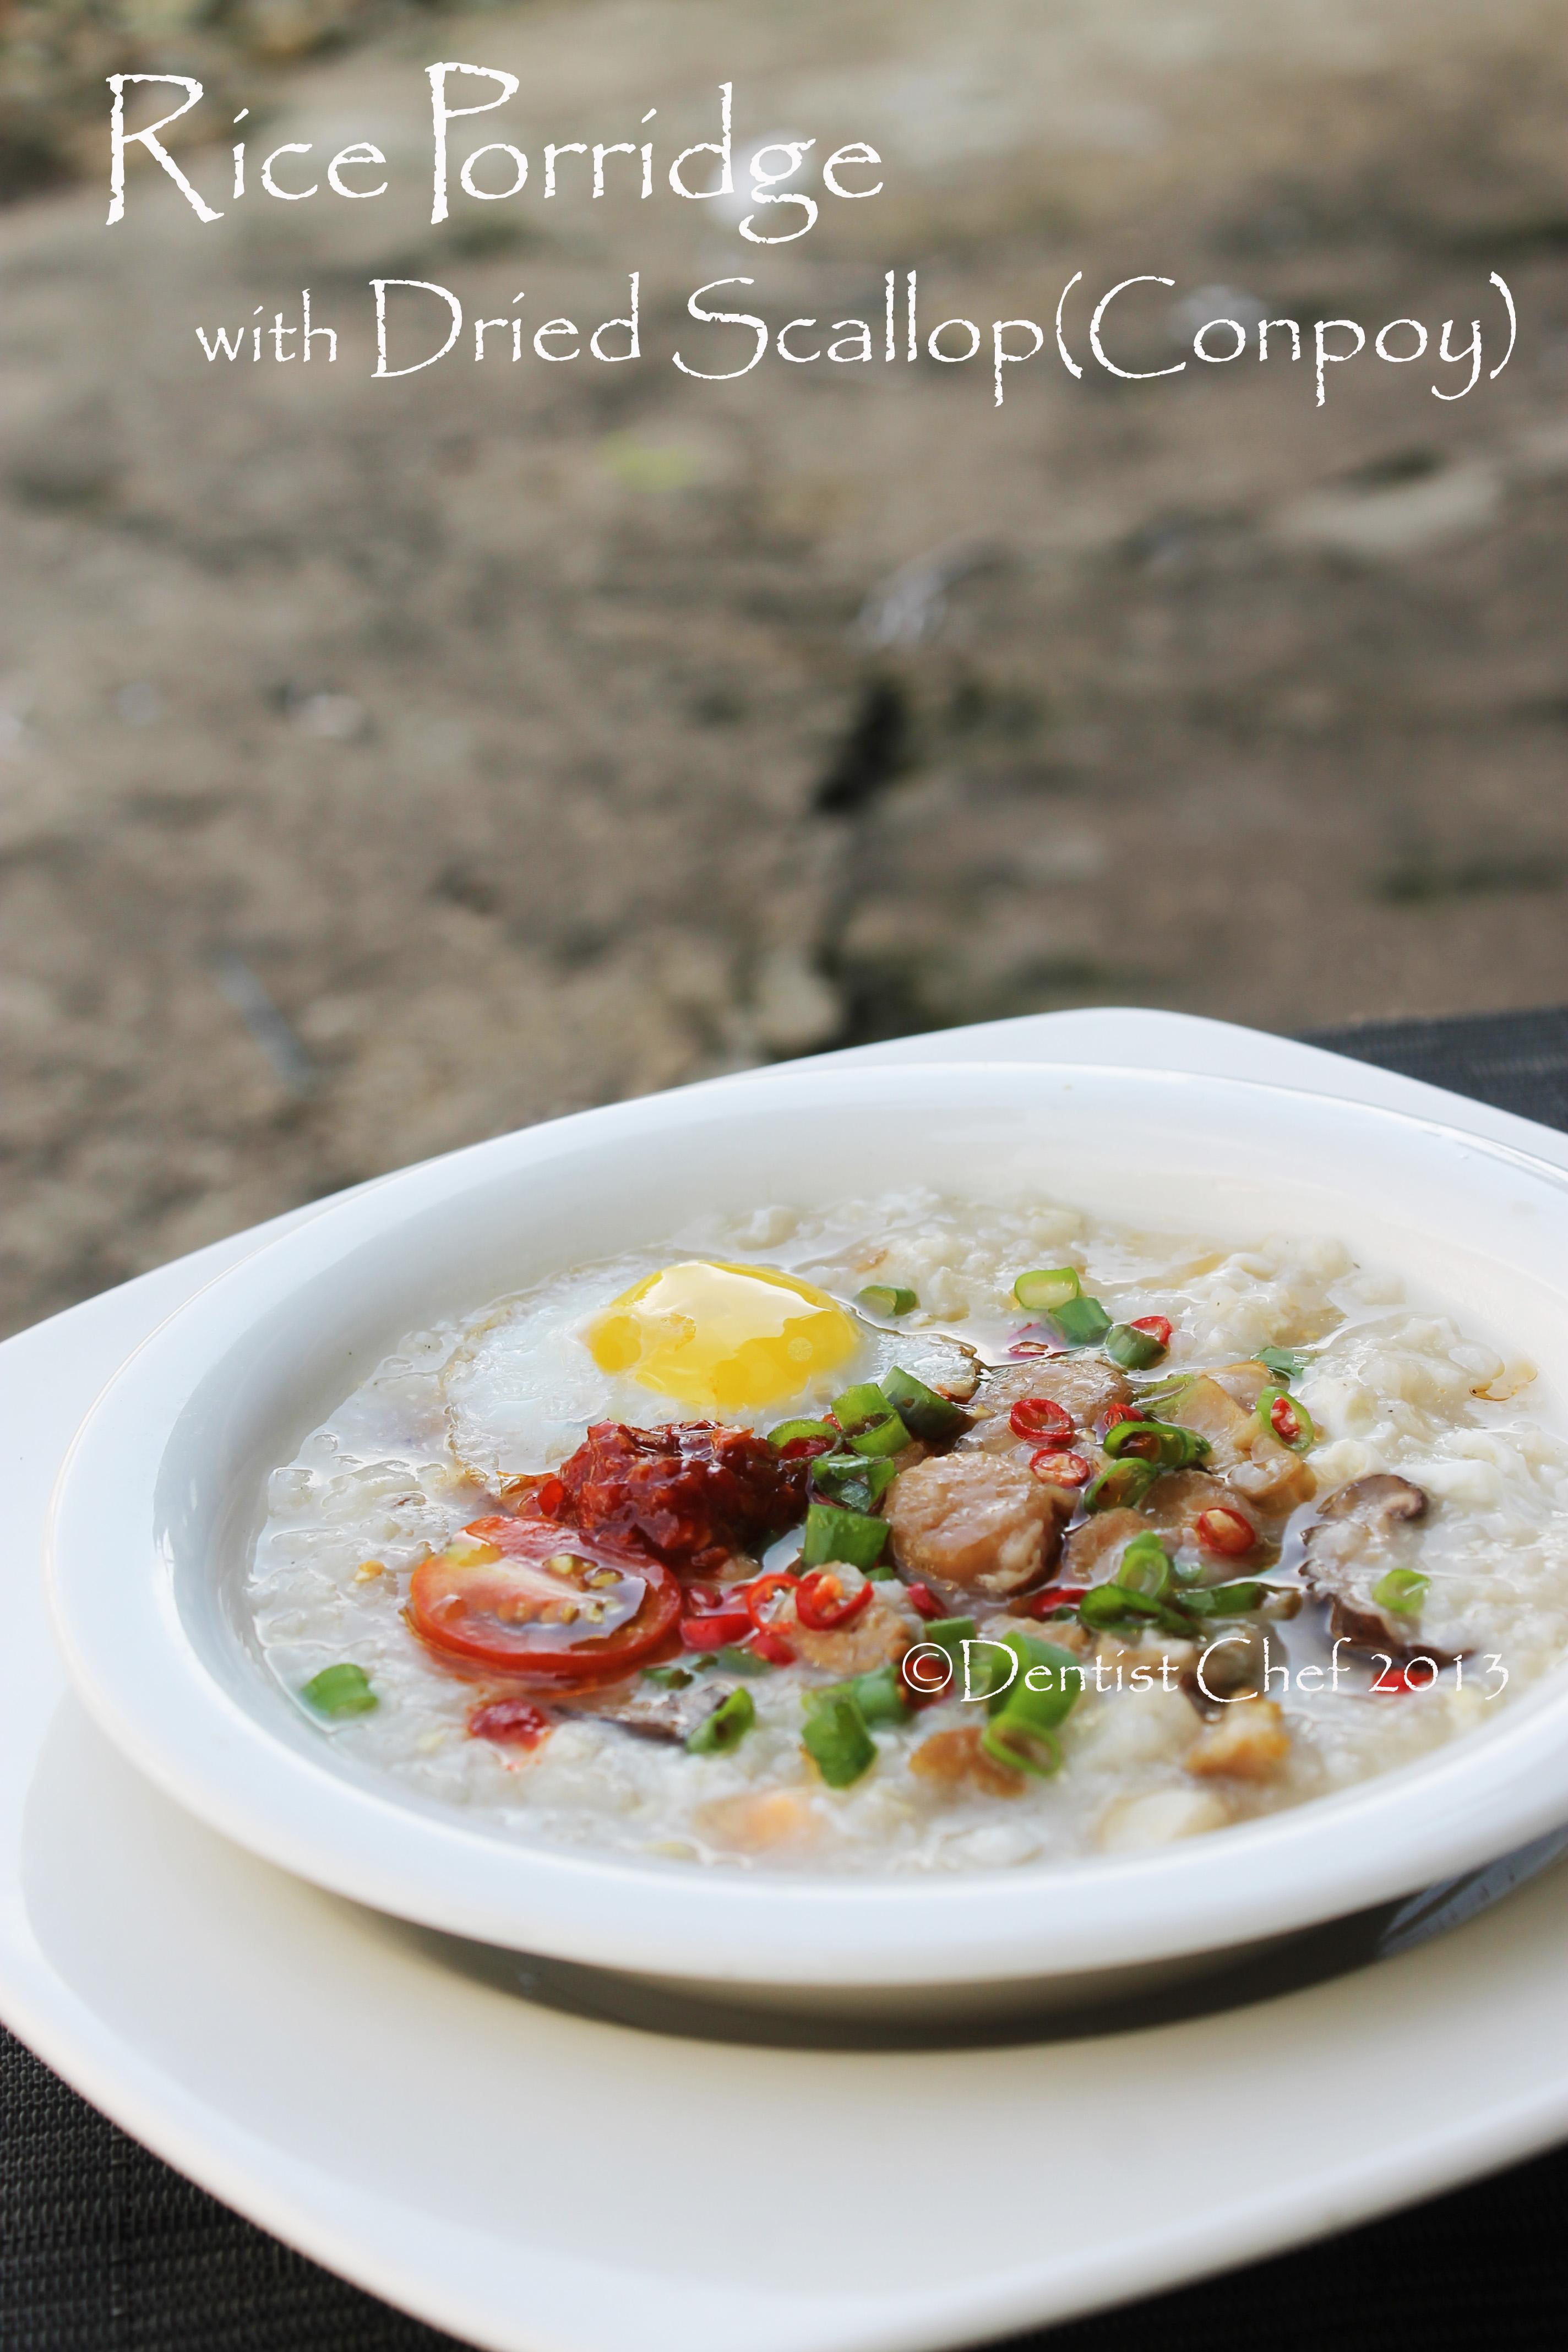 Scallop Itu Apa : scallop, Dried, Scallop, Porridge, Conpoy, Congee, Recipe, DENTIST